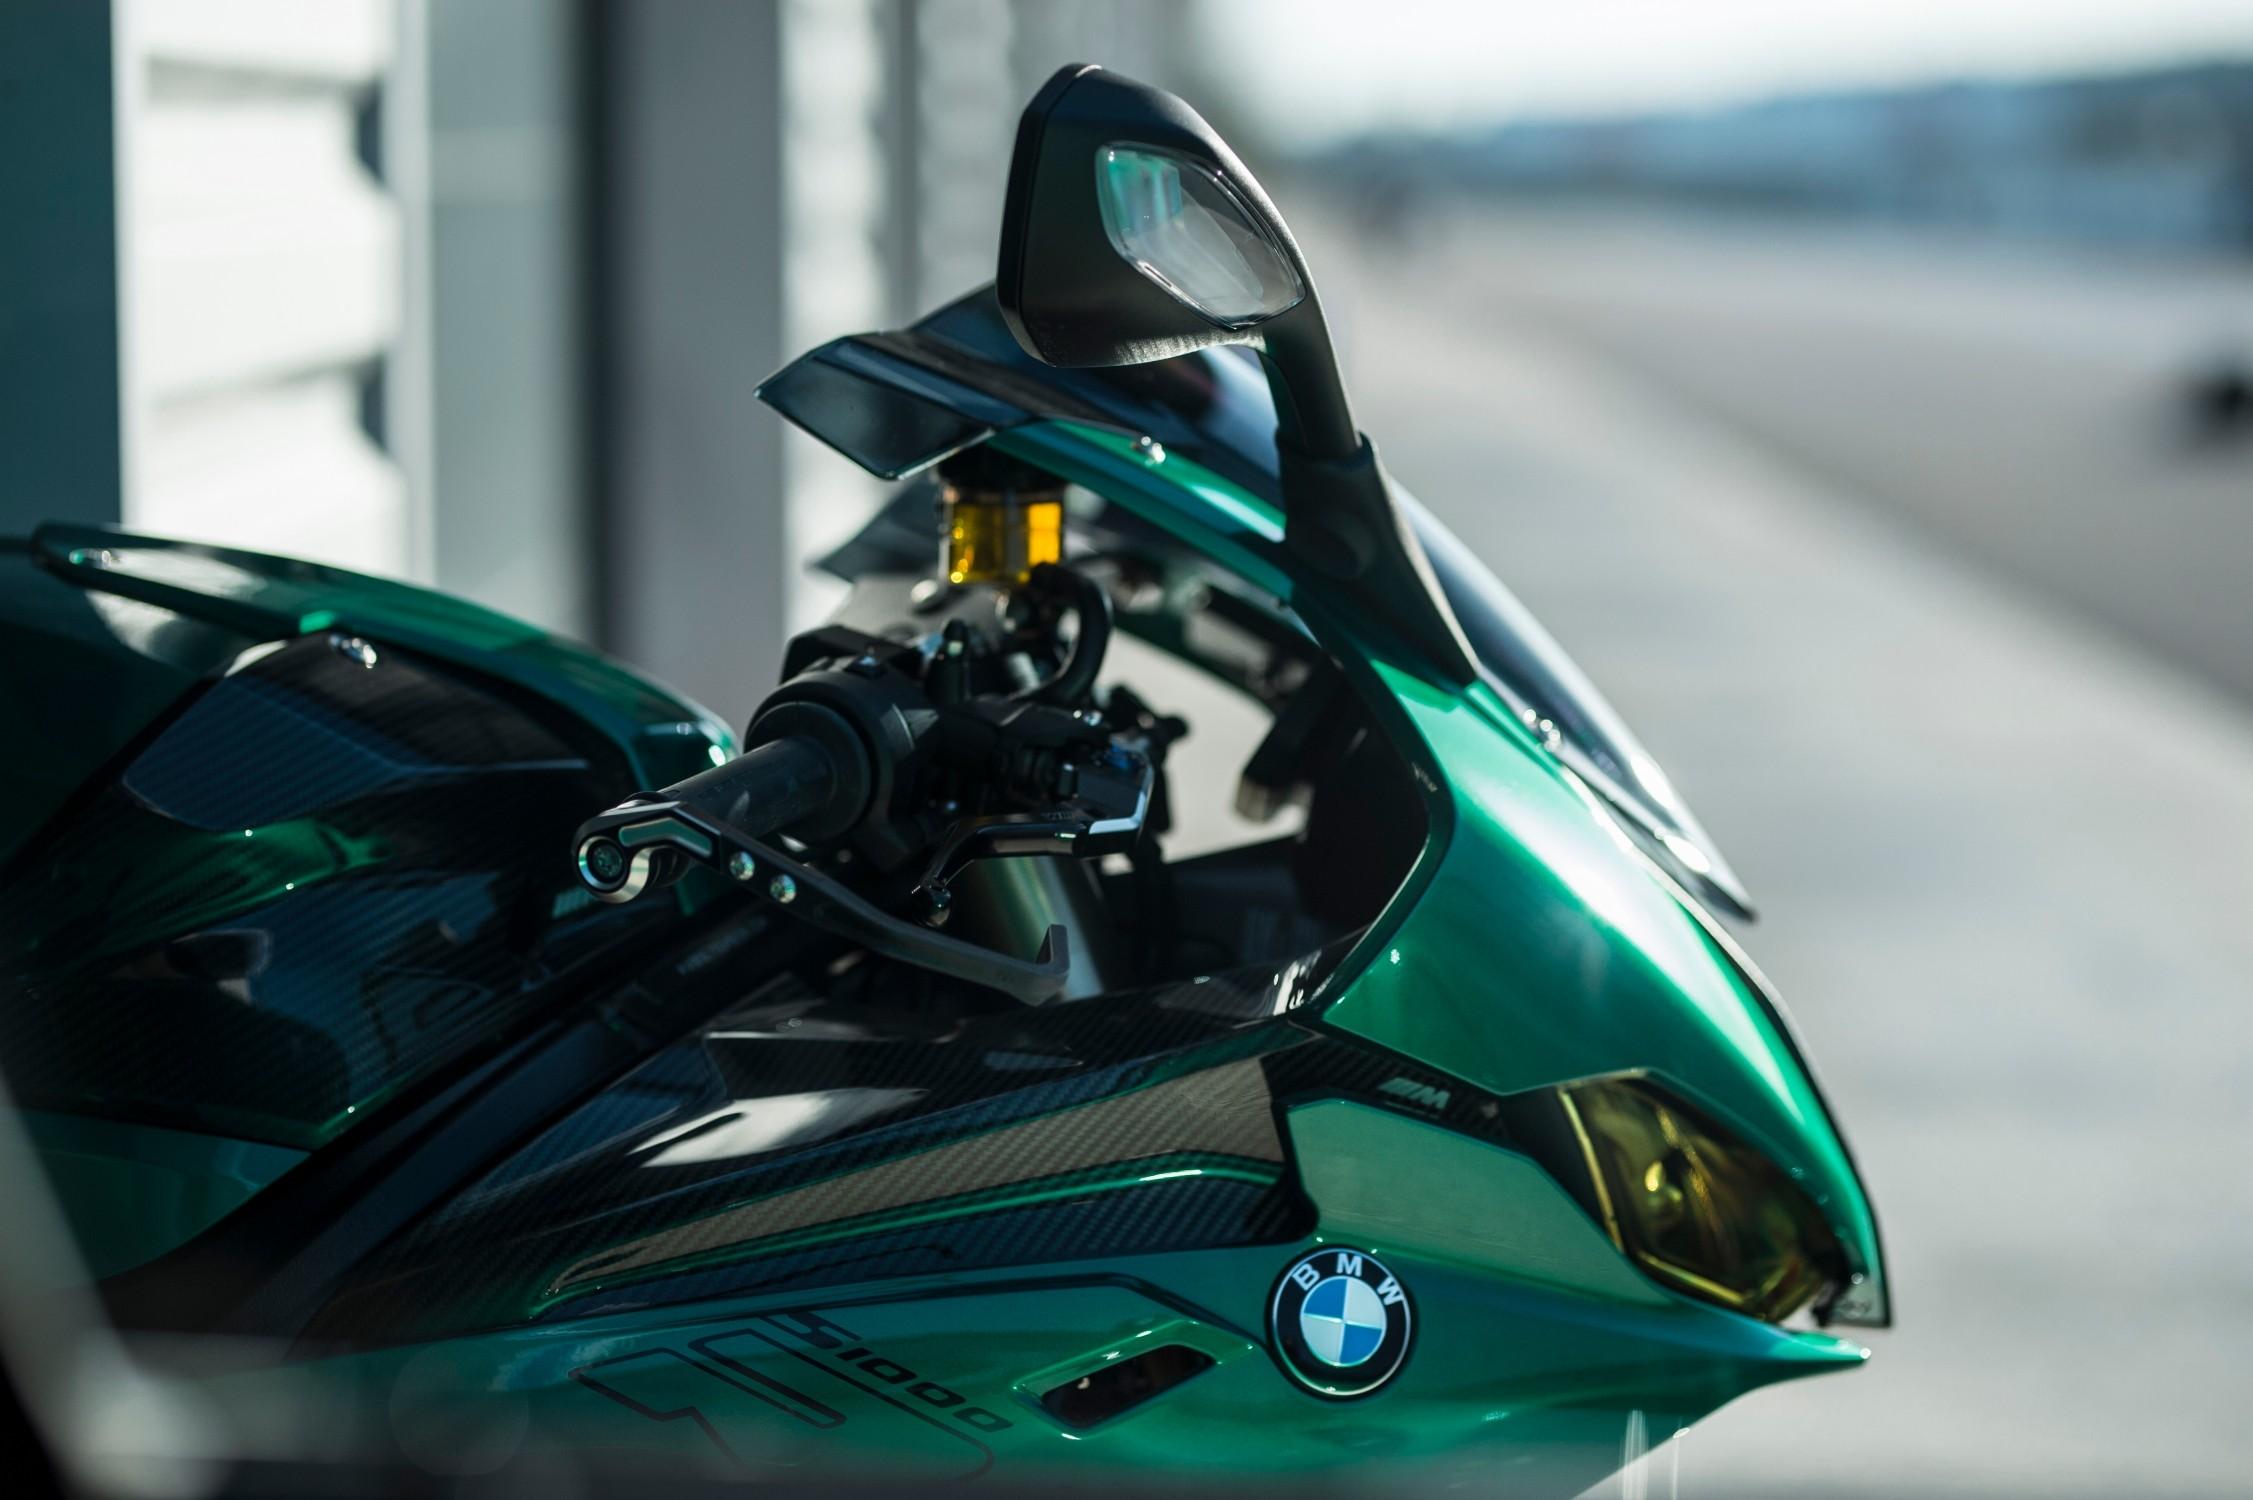 BMW S 1000 RR Isla de Man Edition: exclusividad deportiva